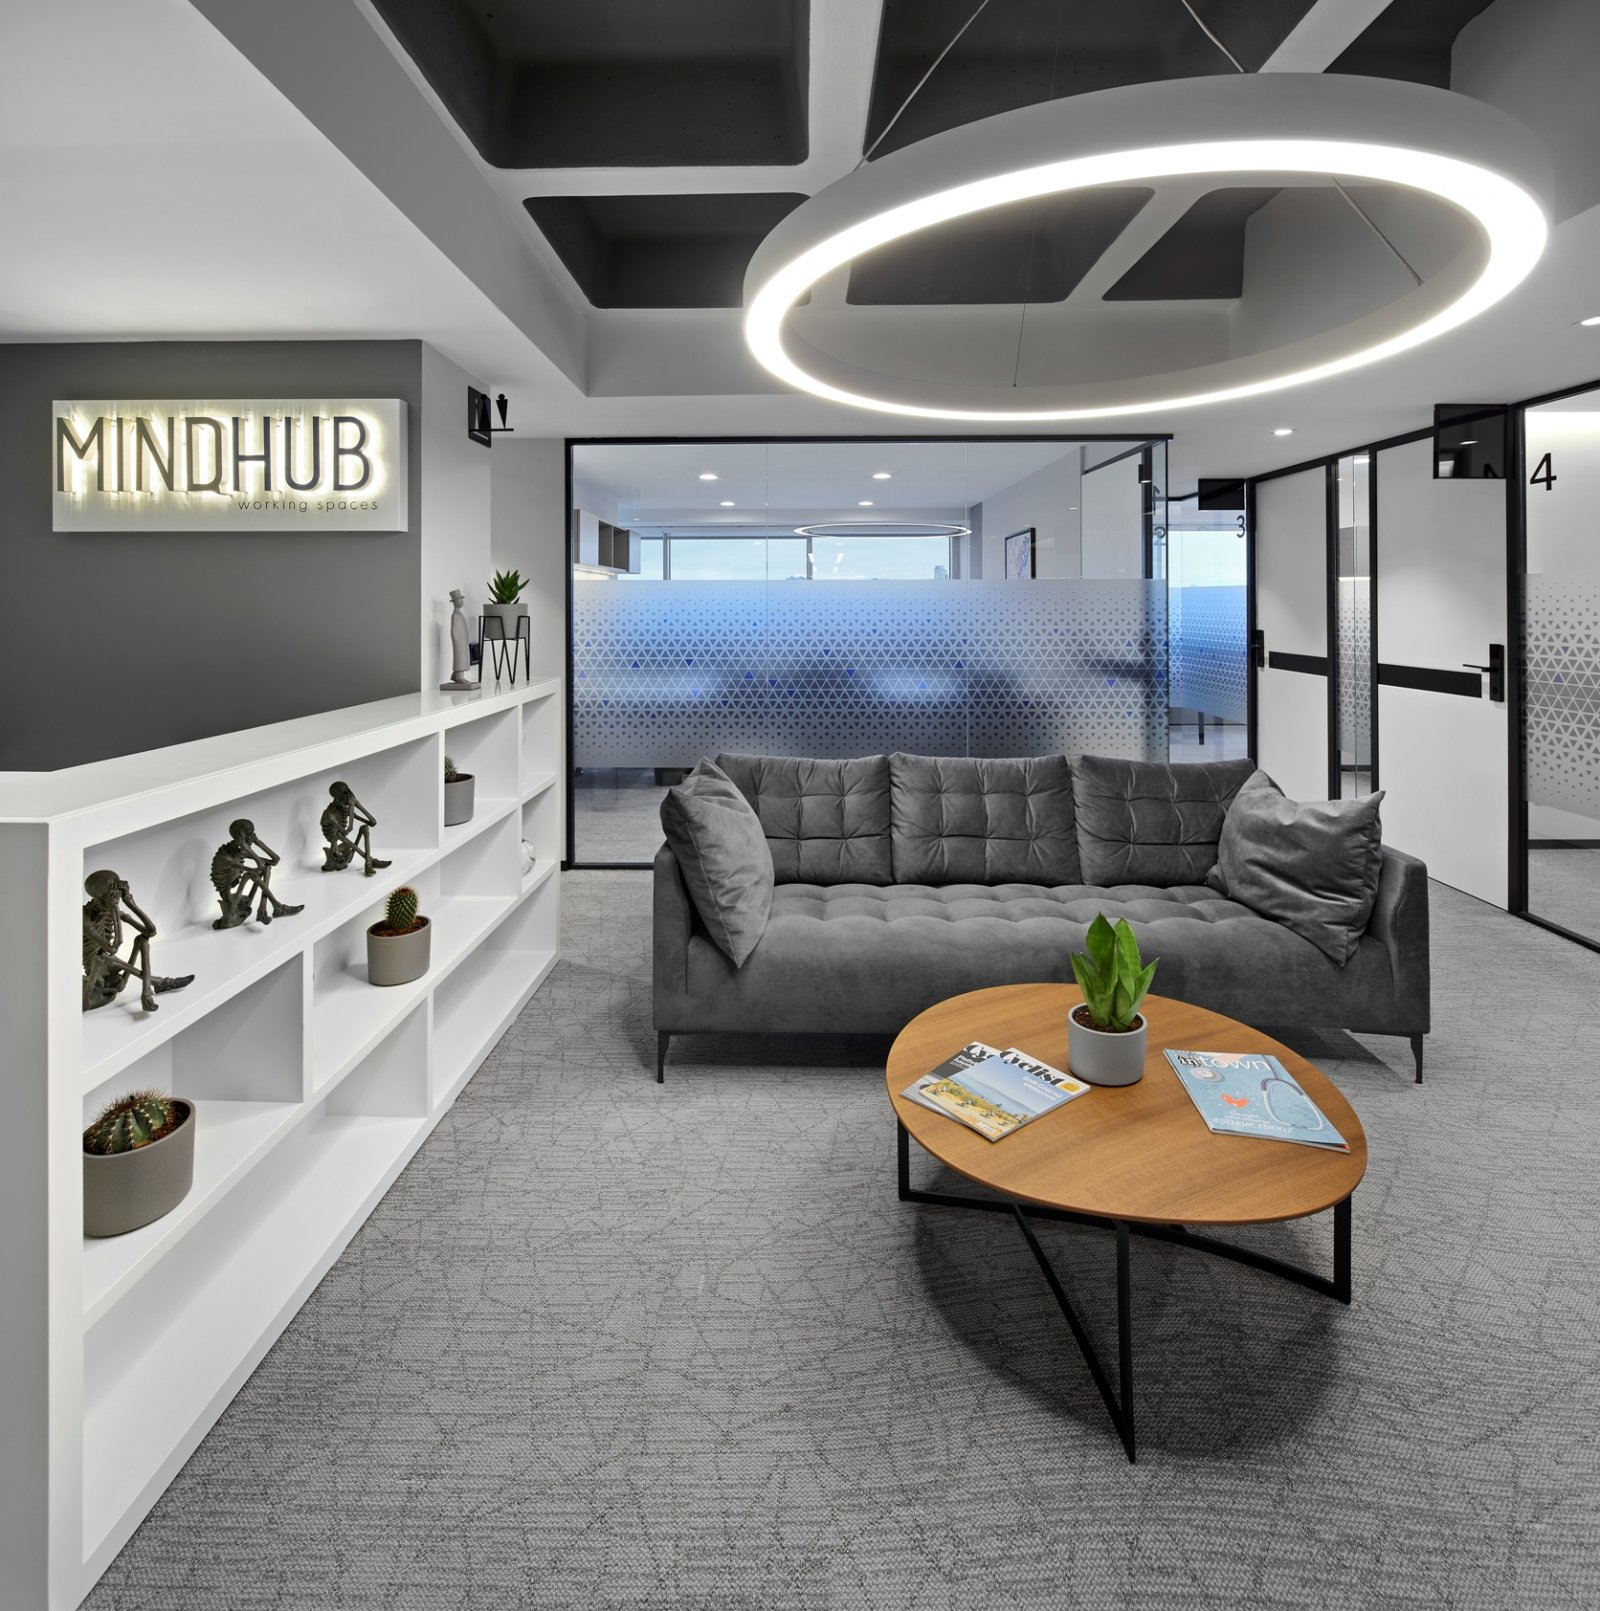 Mindhub Office, Turkey